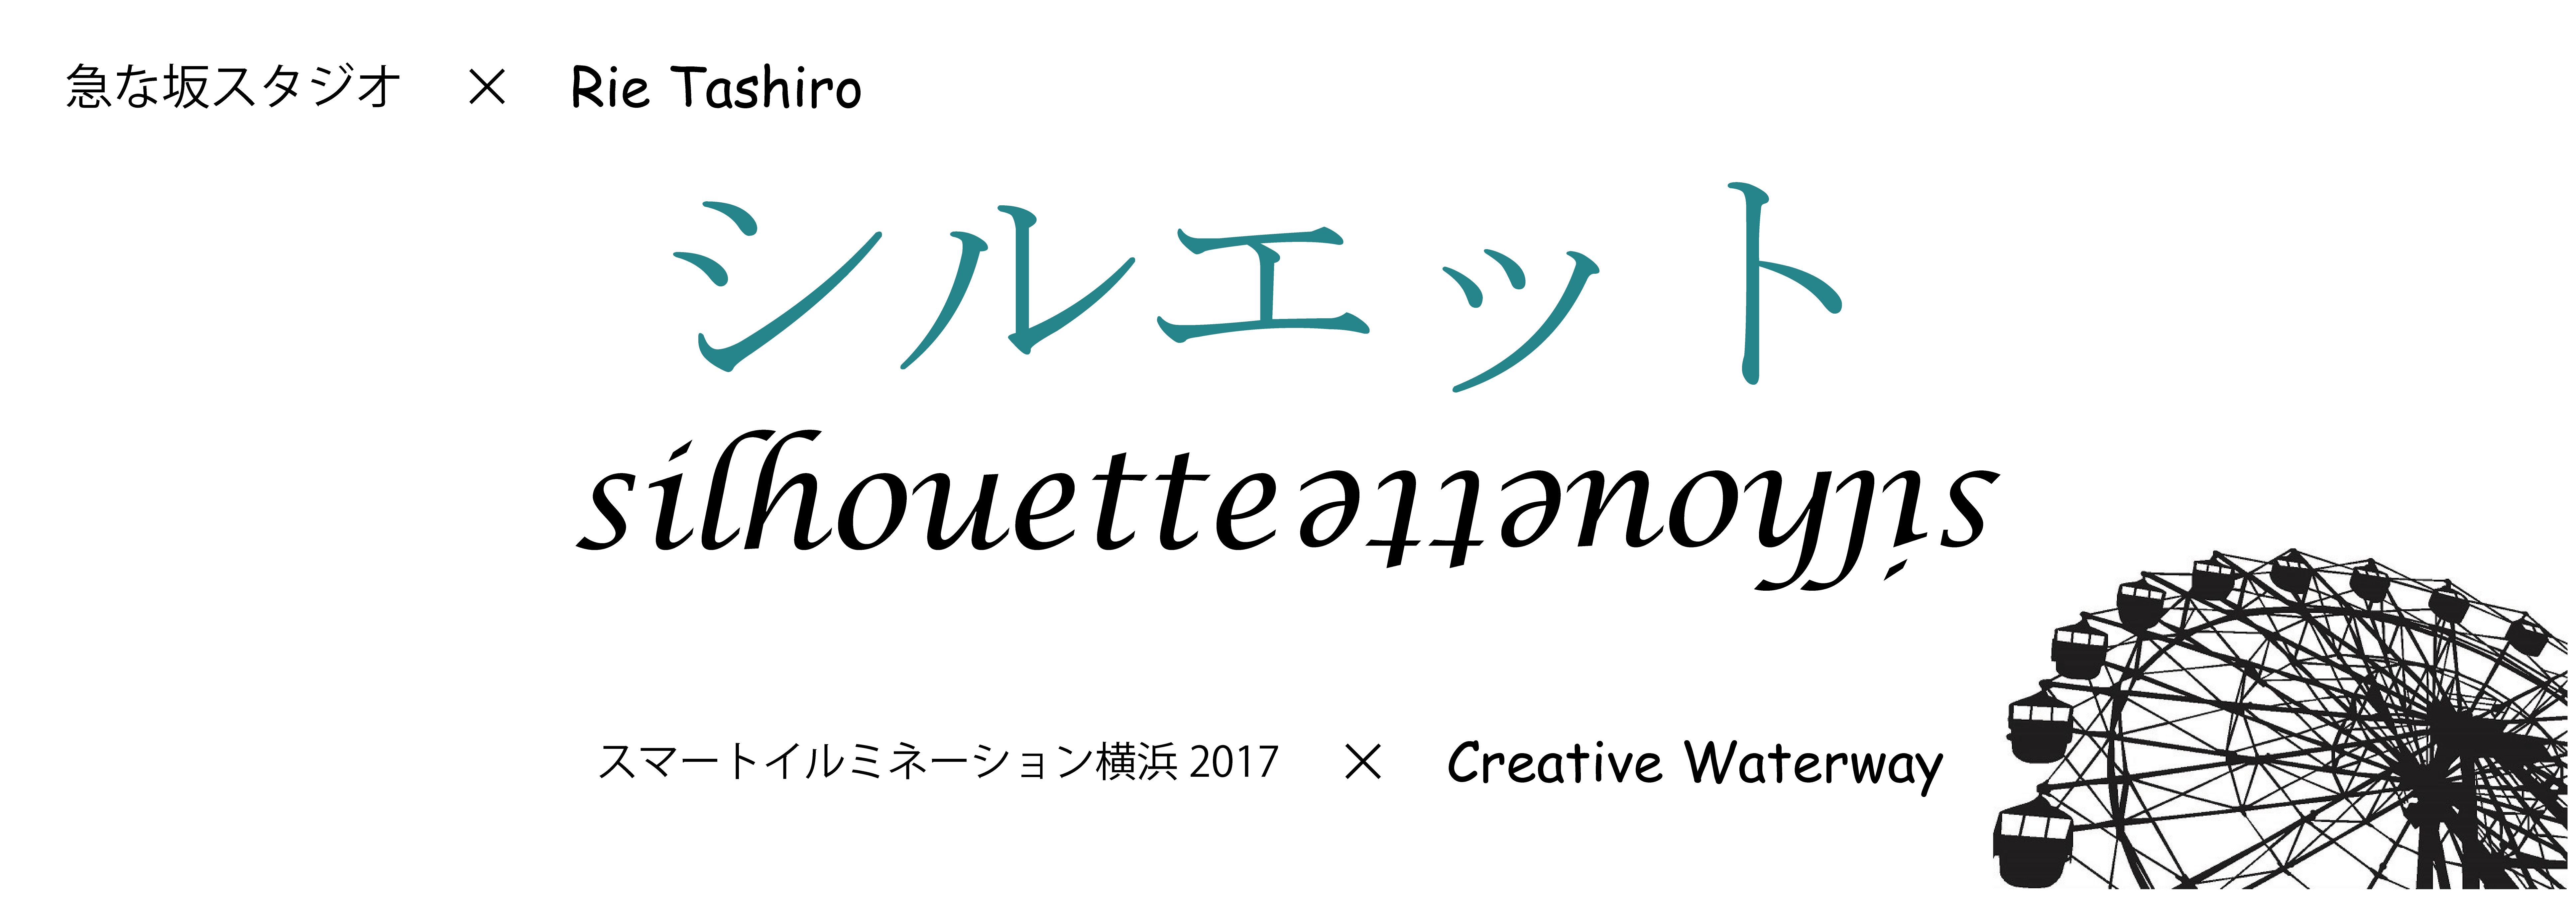 シルエットeye-01